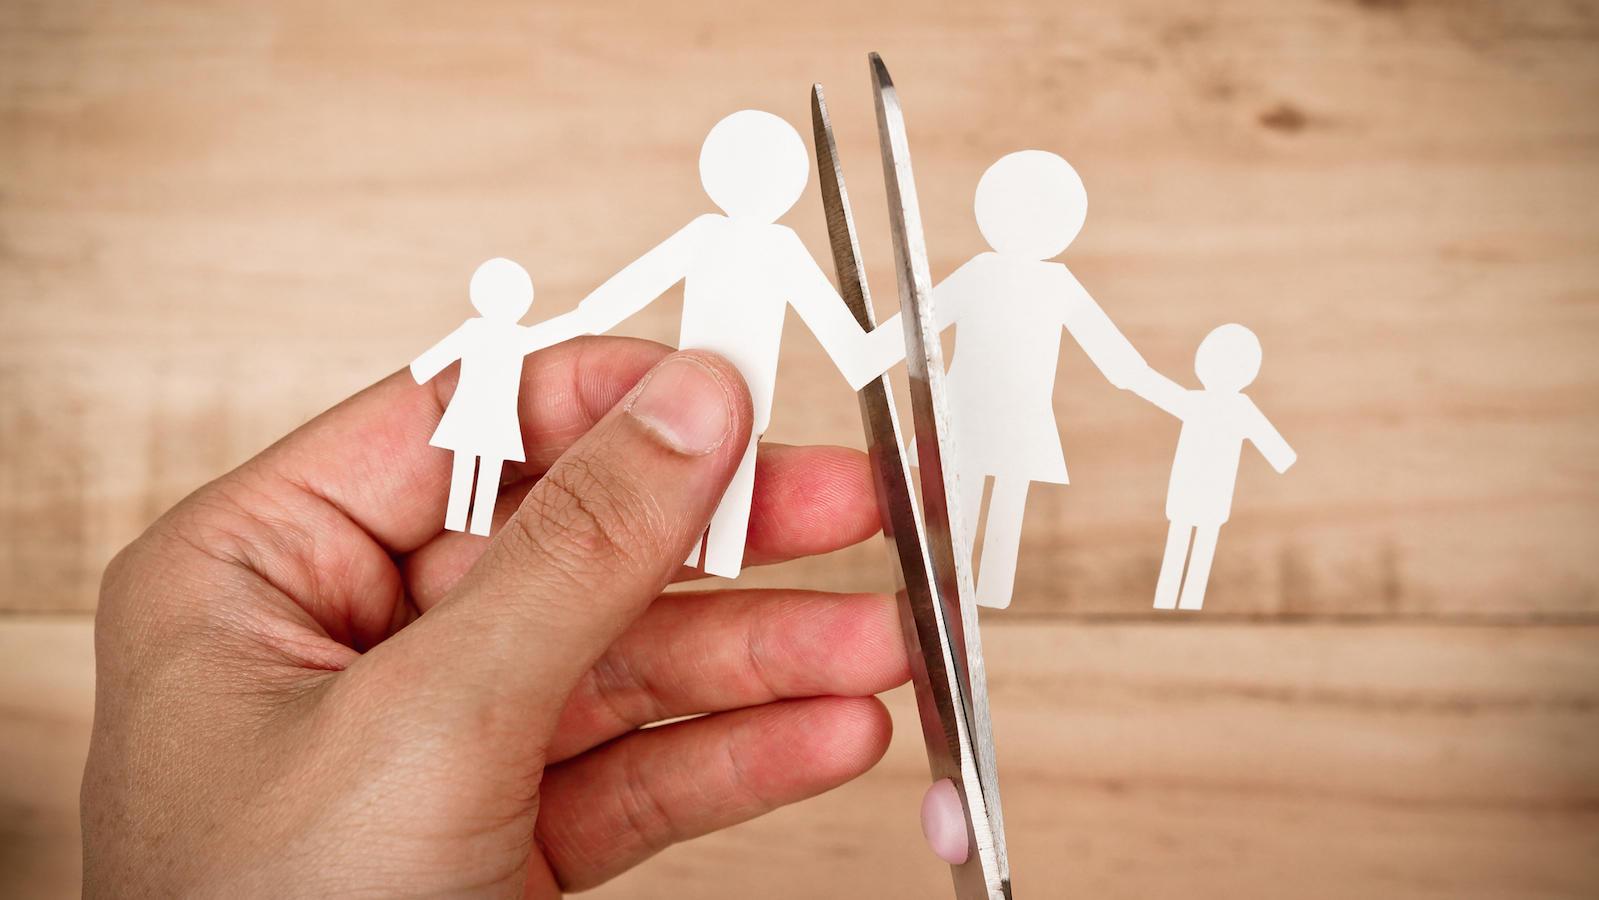 Divorce Financial Planning - Financial Settlement